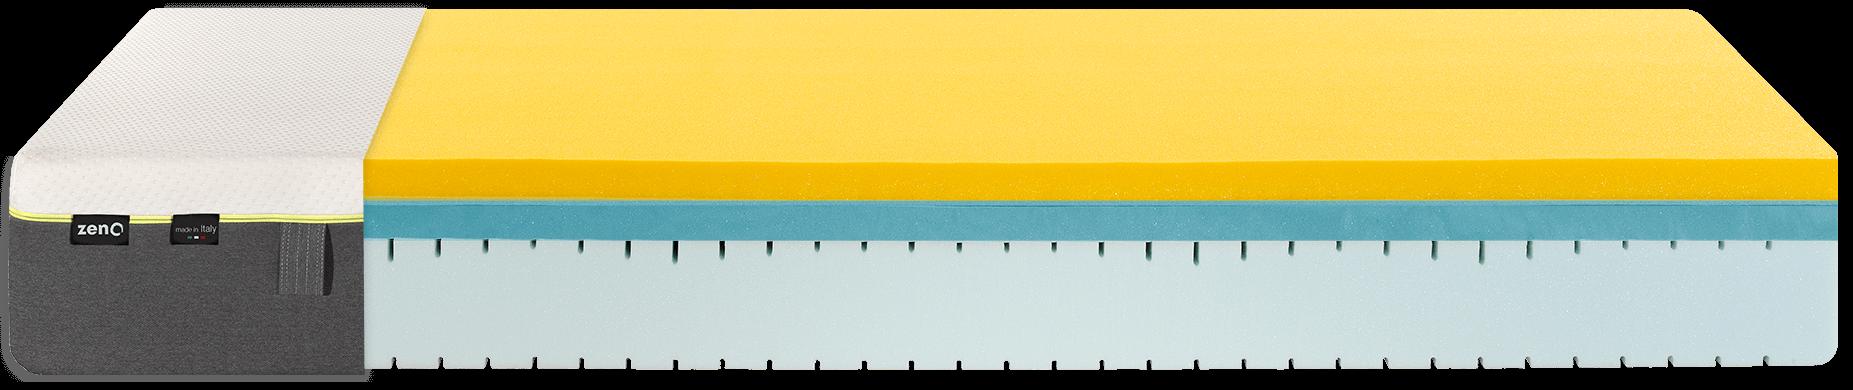 Materasso zenO: il primo materasso unico high tech